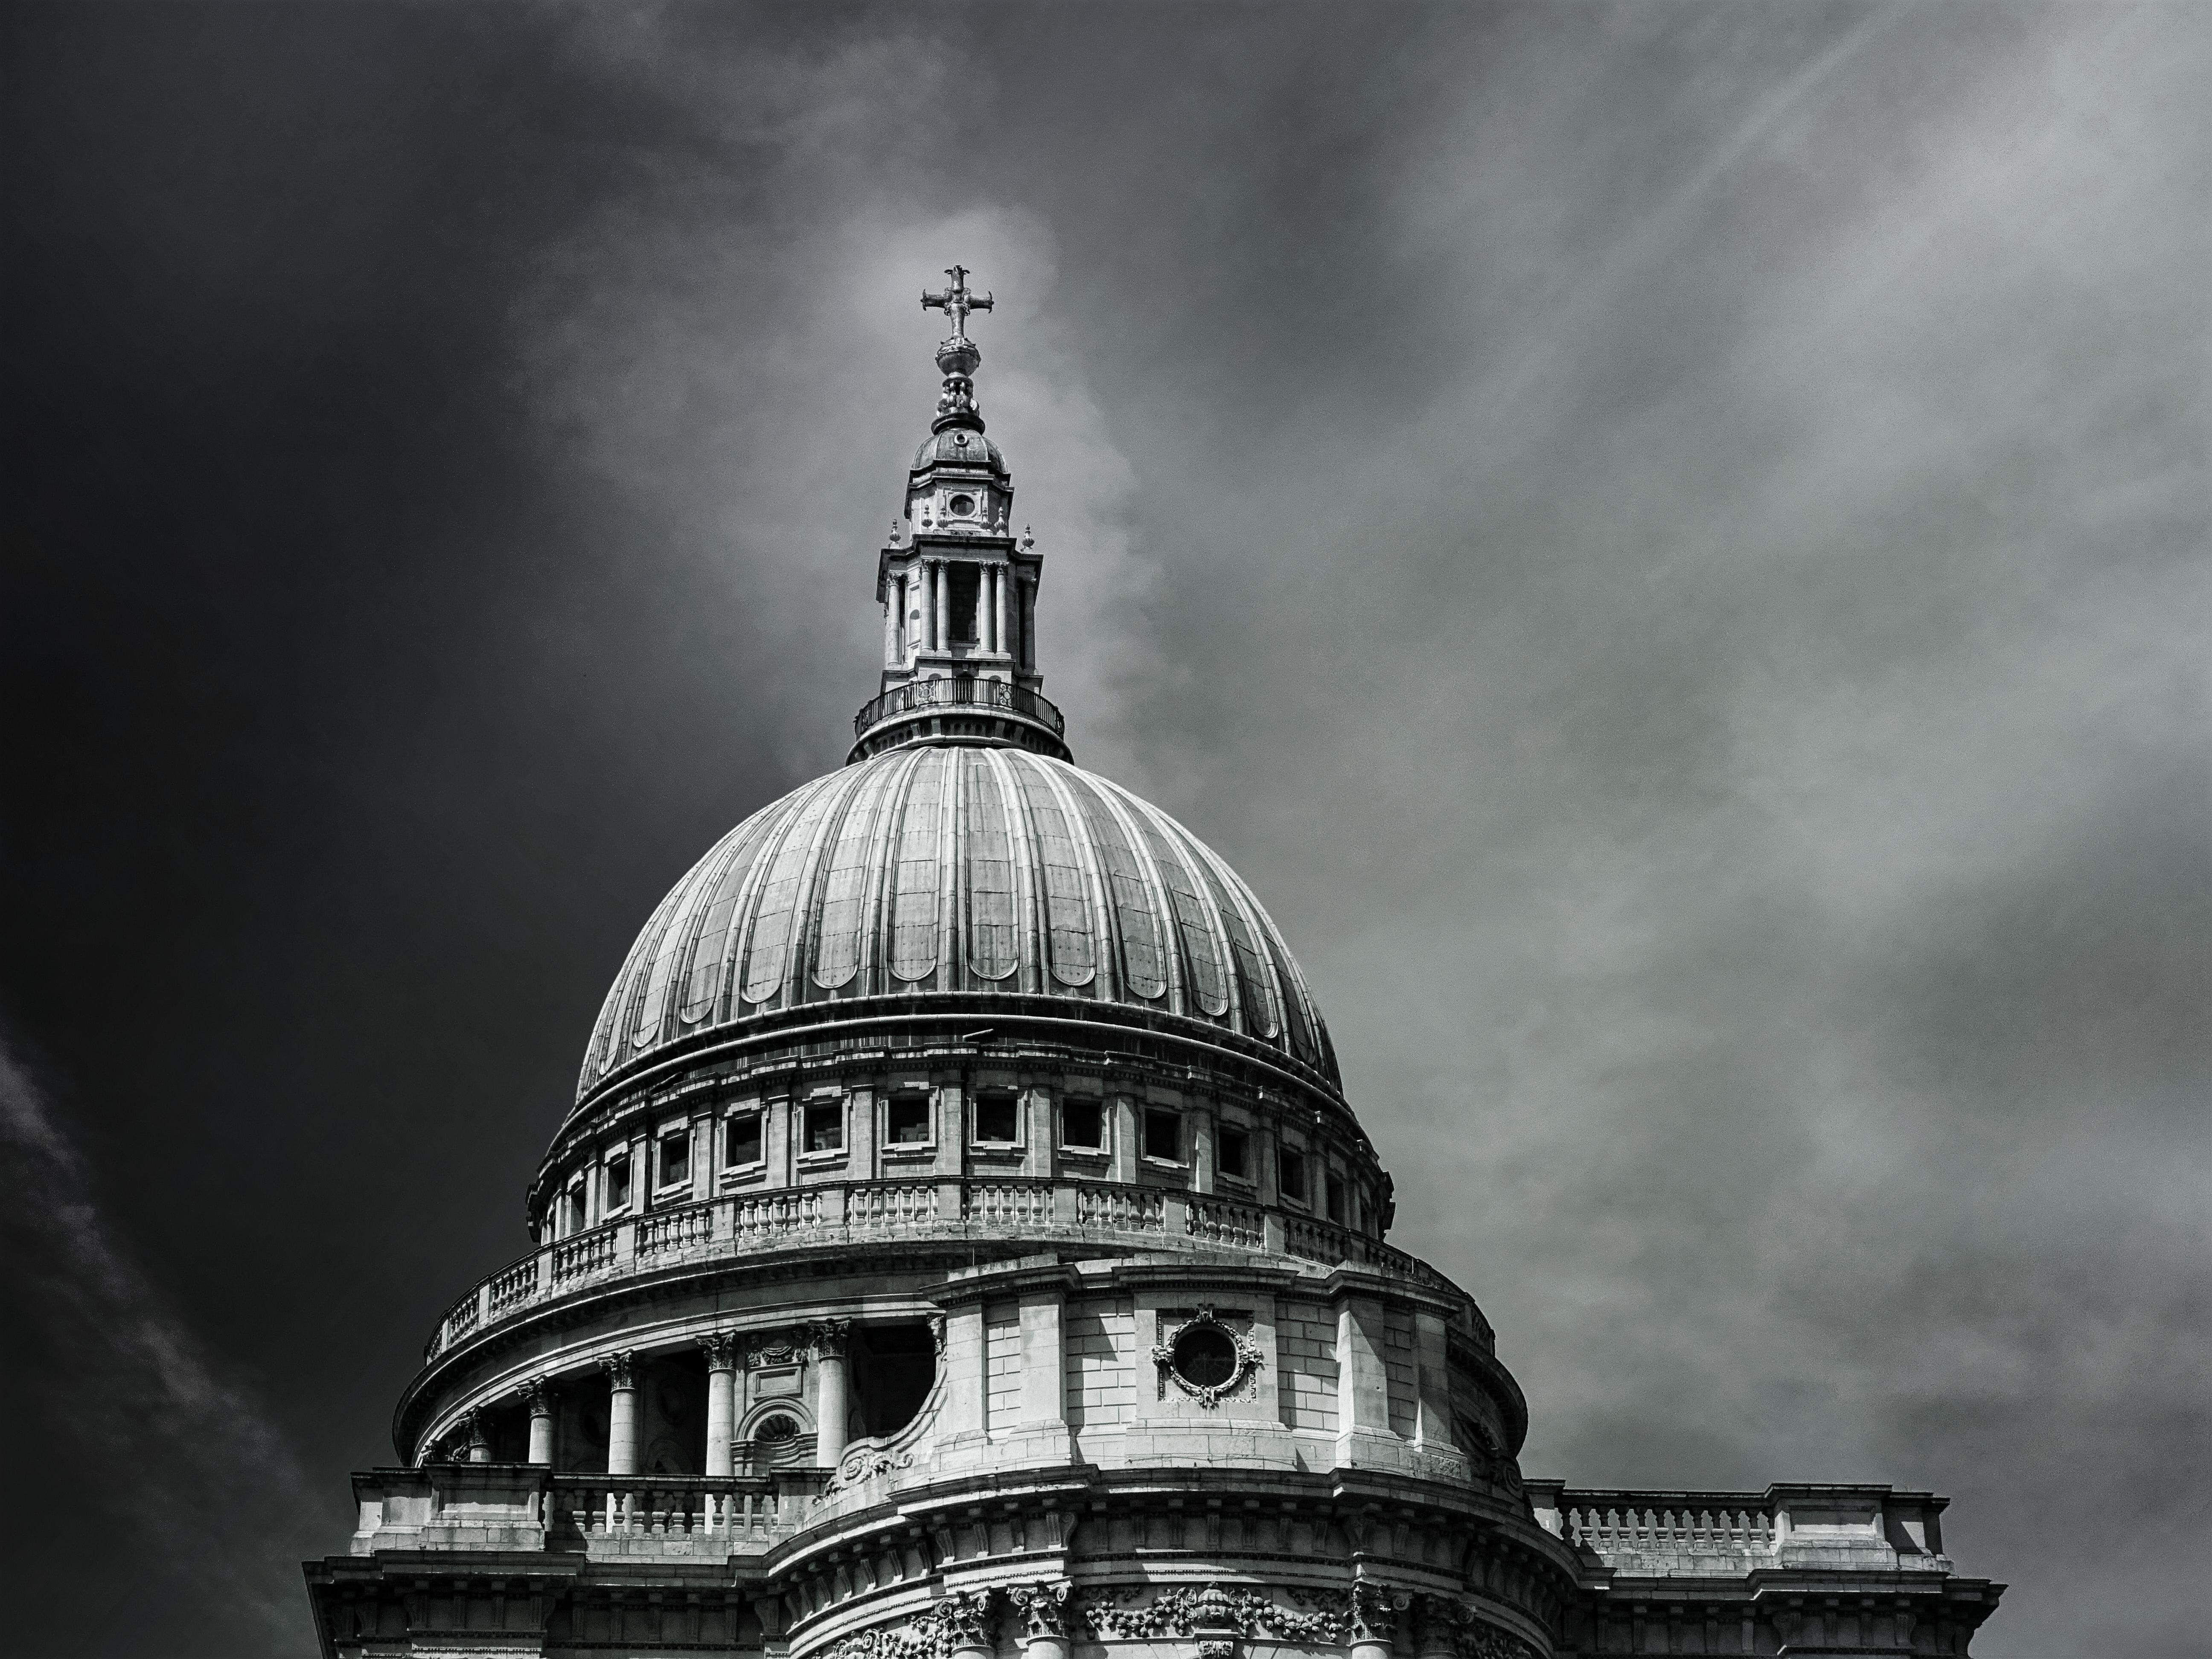 セントポール大聖堂, ドーム, ランドマーク, ローアングルショットの無料の写真素材